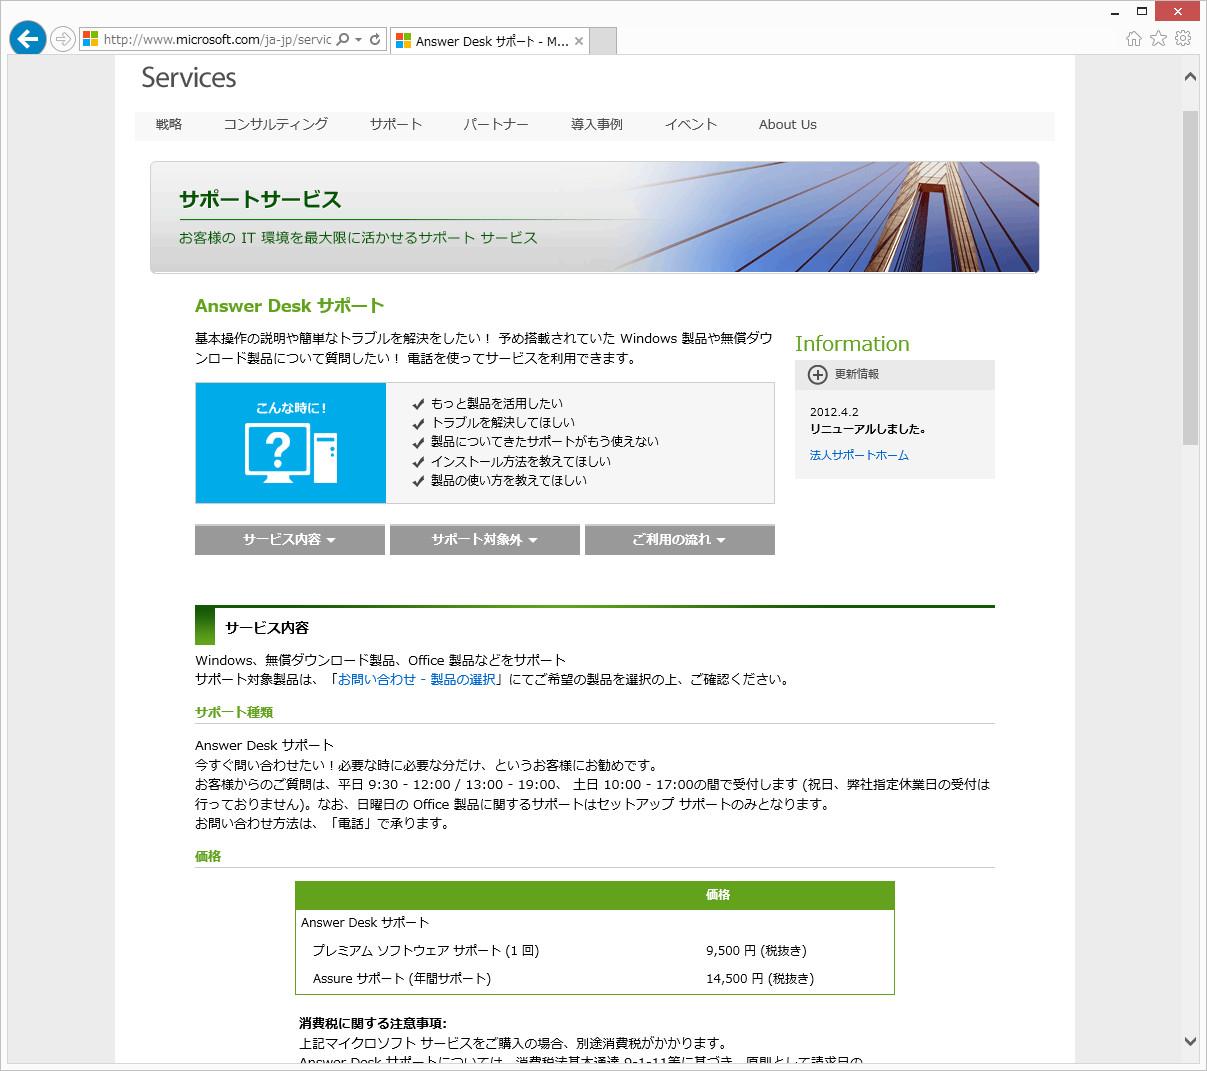 """Microsoftのサポートサービスであるアンサーデスクサービスの<a class="""""""" href=""""http://www.microsoft.com/ja-jp/services/apersonal.aspx"""">紹介Webサイト</a>。本来であれば年間契約で14,500円かかるサポートサービスをOffice 365 Soloユーザーは使うことができる"""